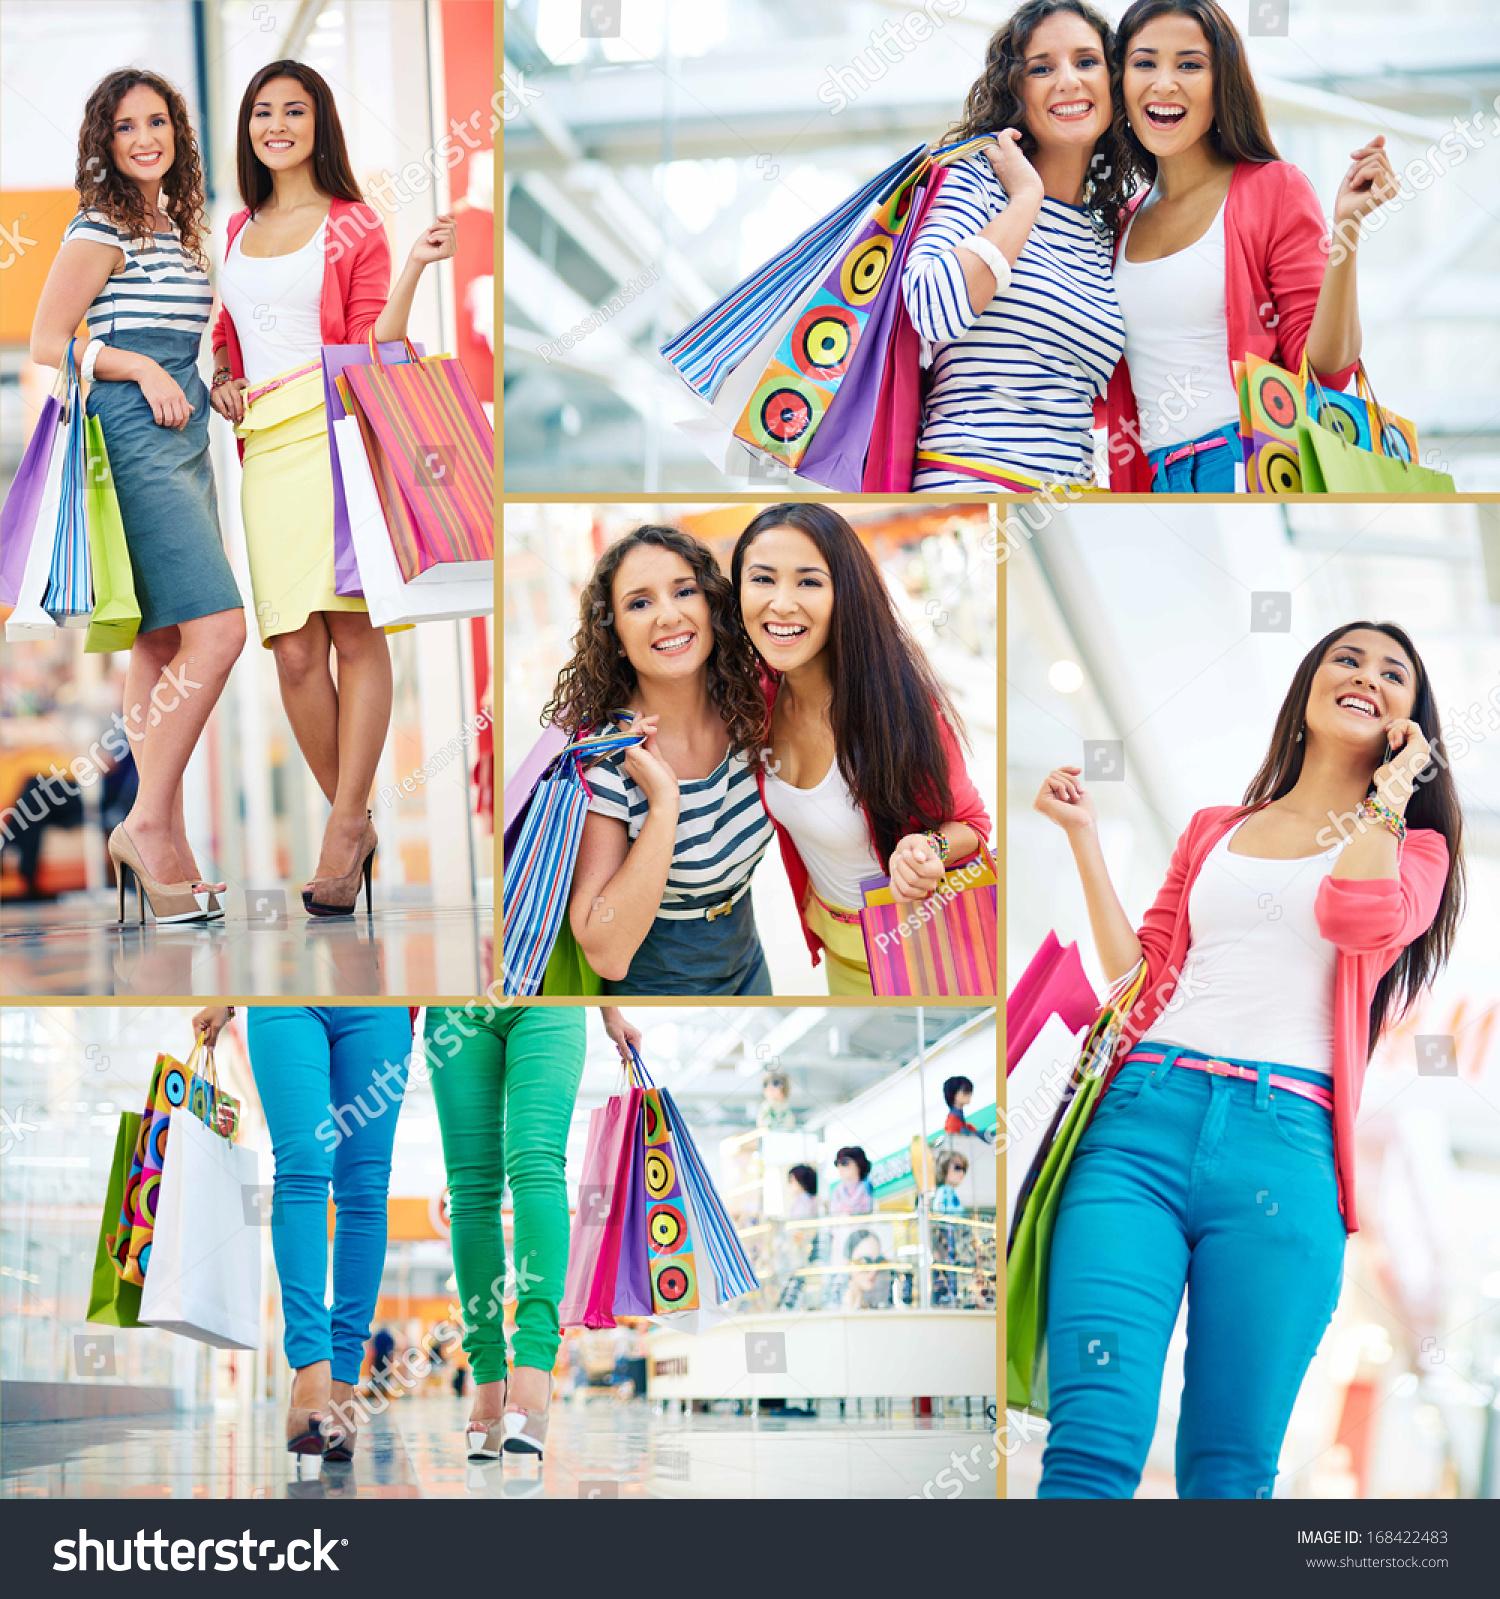 拼贴画的漂亮女孩paperbags贸易购物中心-人物,运动